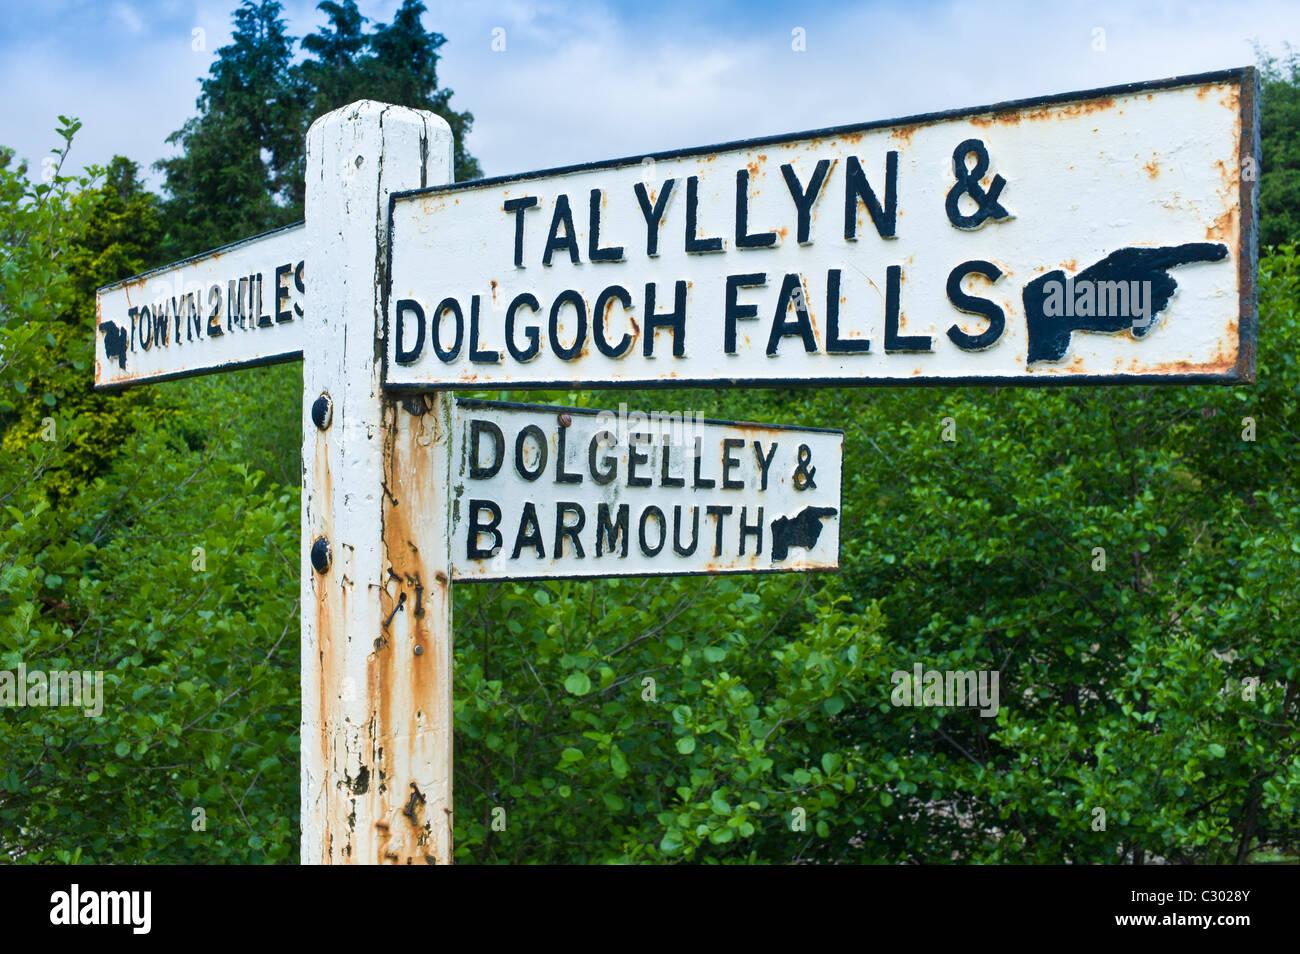 Signpost to Dolgelley, Barmouth, Talyllyn and Dolgoch Falls in Snowdonia, Gwynedd, Wales - Stock Image